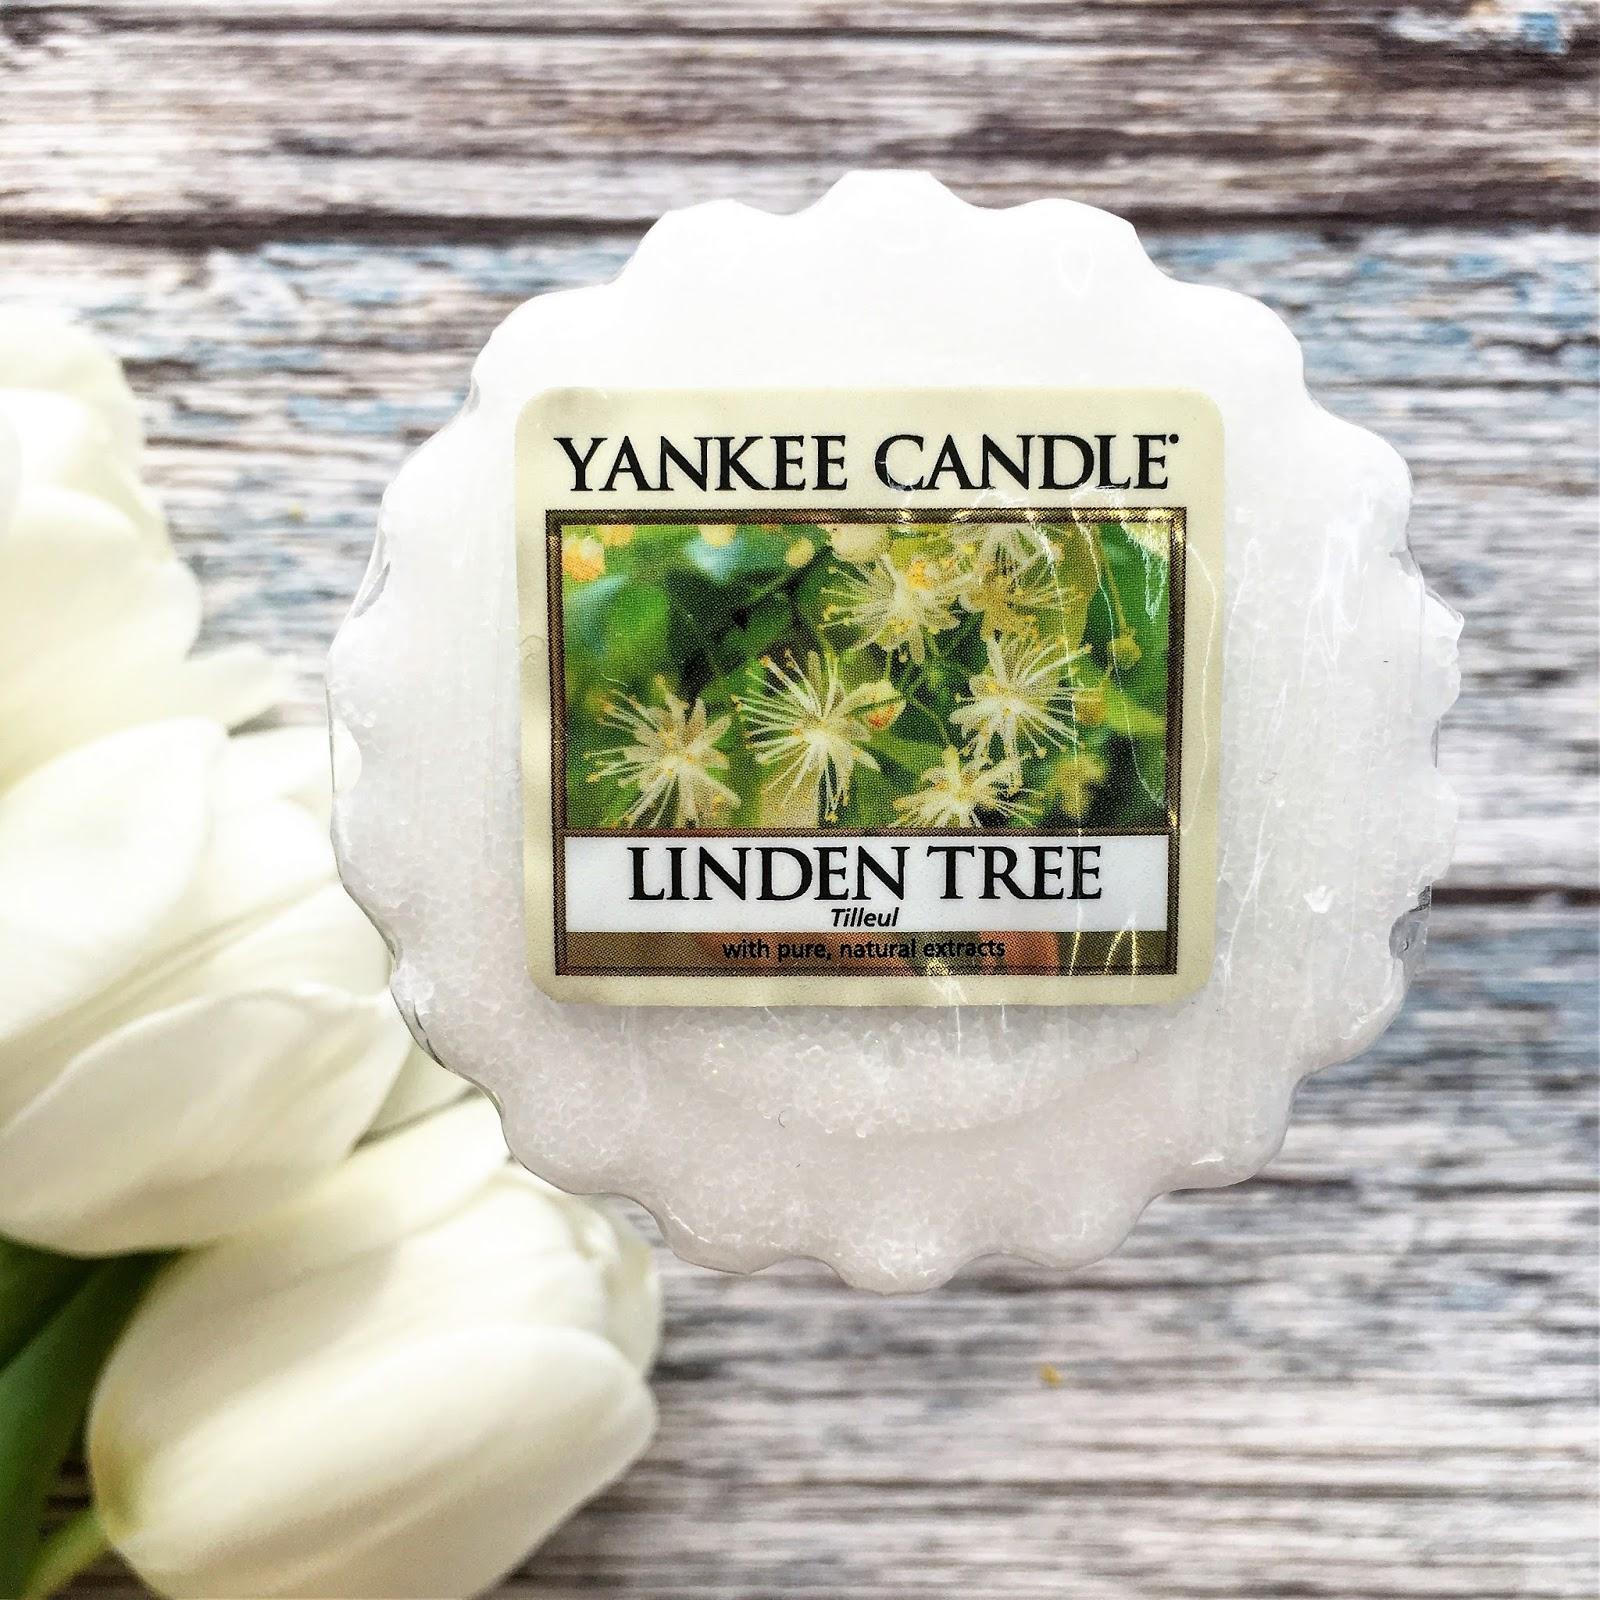 Pierwszy powiew wiosny na blogu: wosk Linden Tree z kolekcji wiosennej Yankee Candle